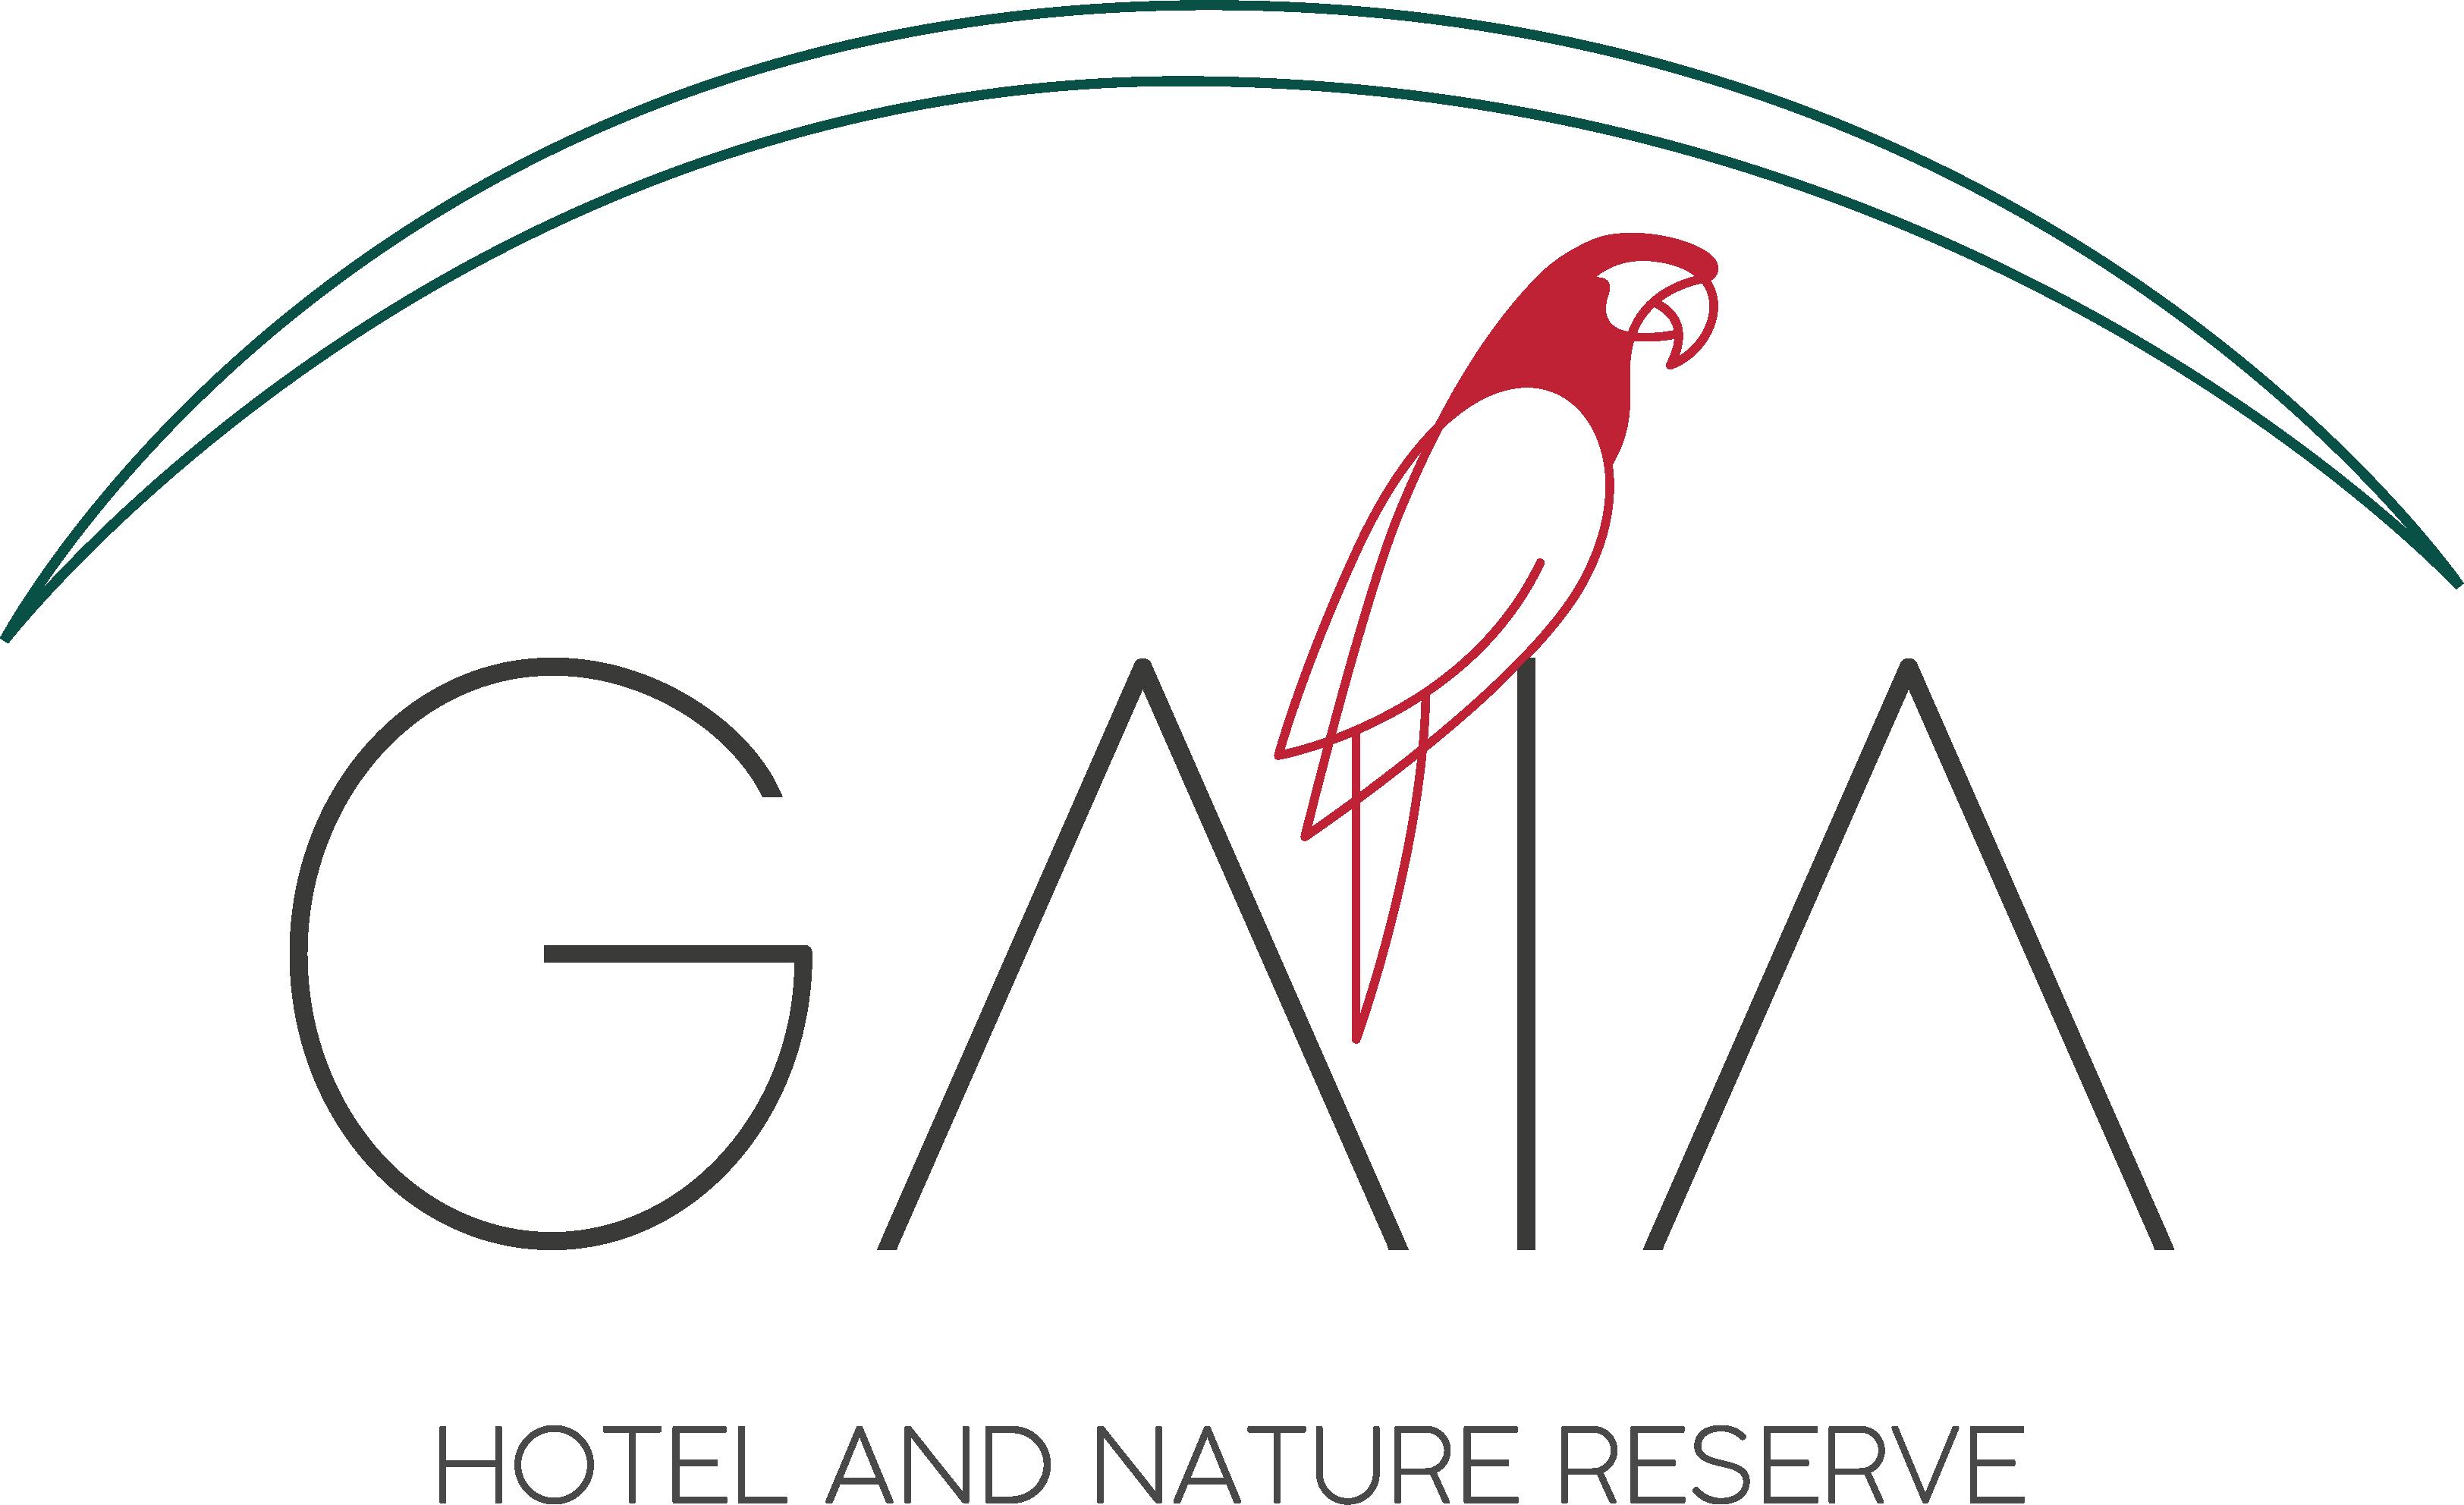 Gaia Hotel & Reserve IBE